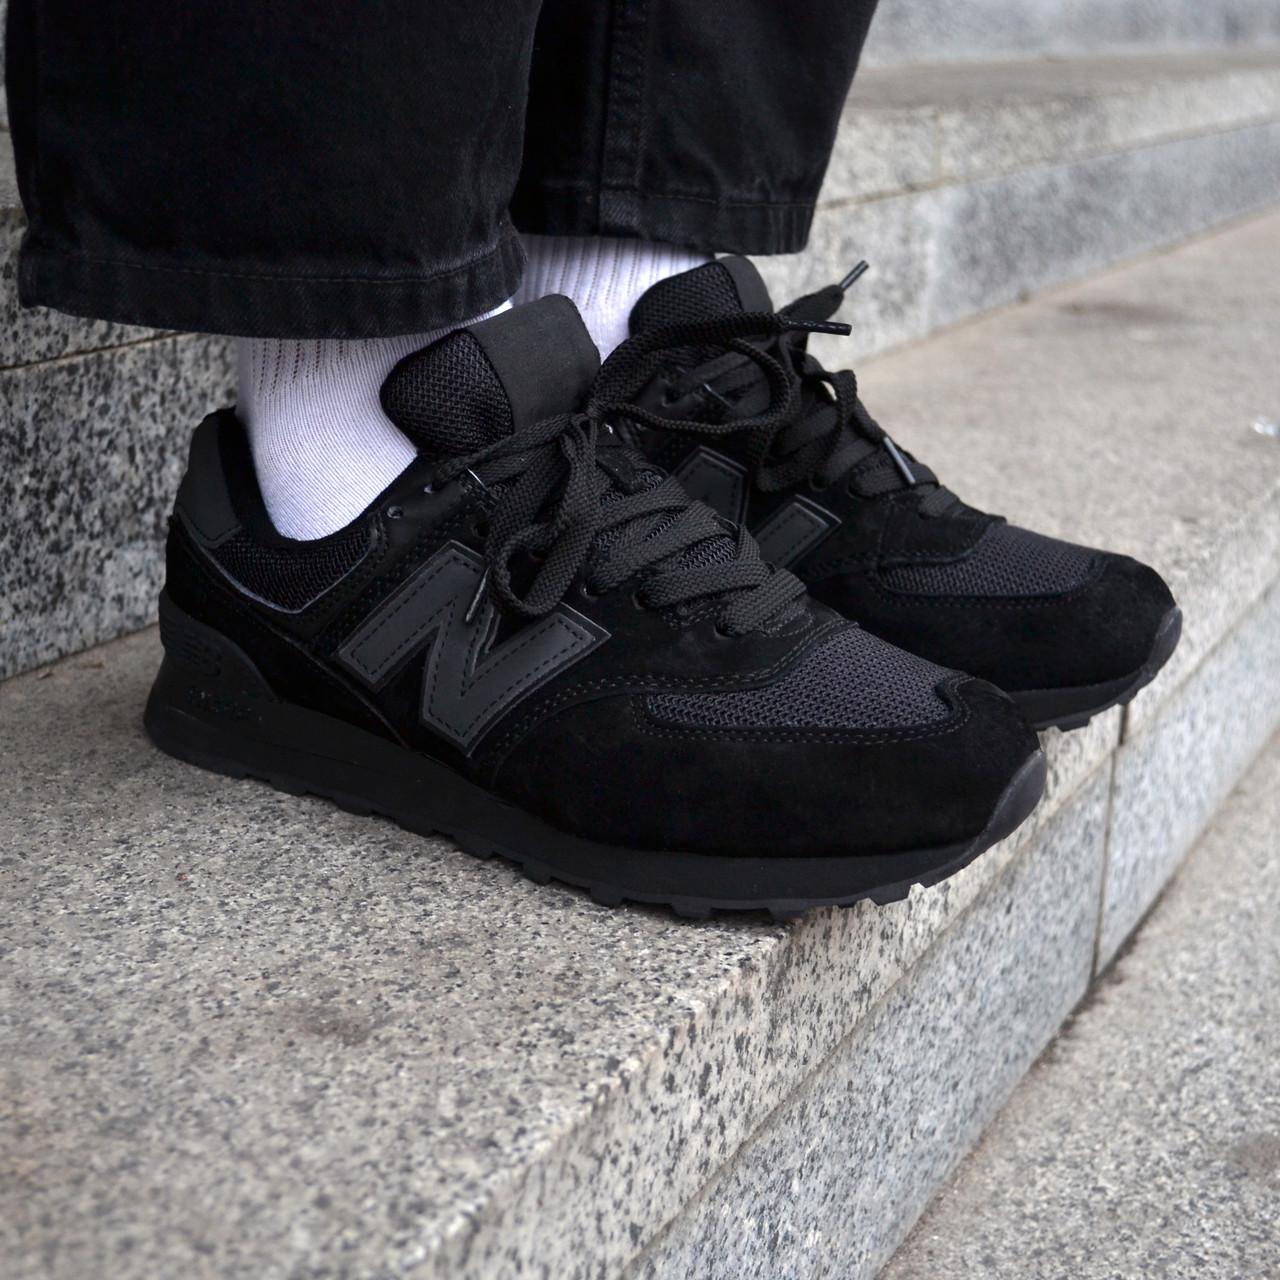 Кросівки чоловічі Нью Беланс 574 Triple Black замшеві підошва піна Репліка